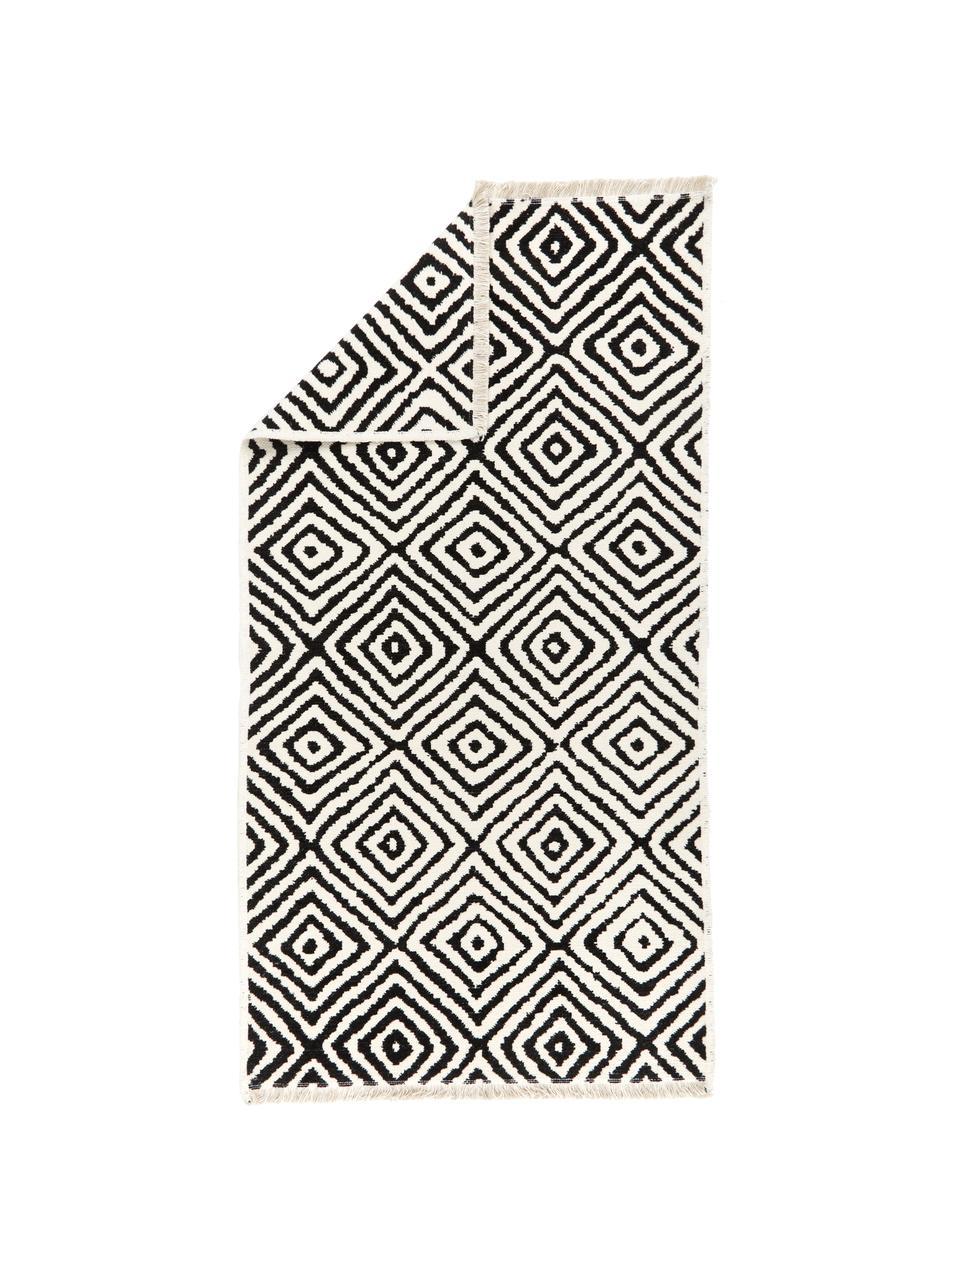 Tappeto Kilim nero/bianco Mozaik, 90% cotone 10% poliestere, Nero, Larg. 120 x Lung. 180 cm (taglia S)